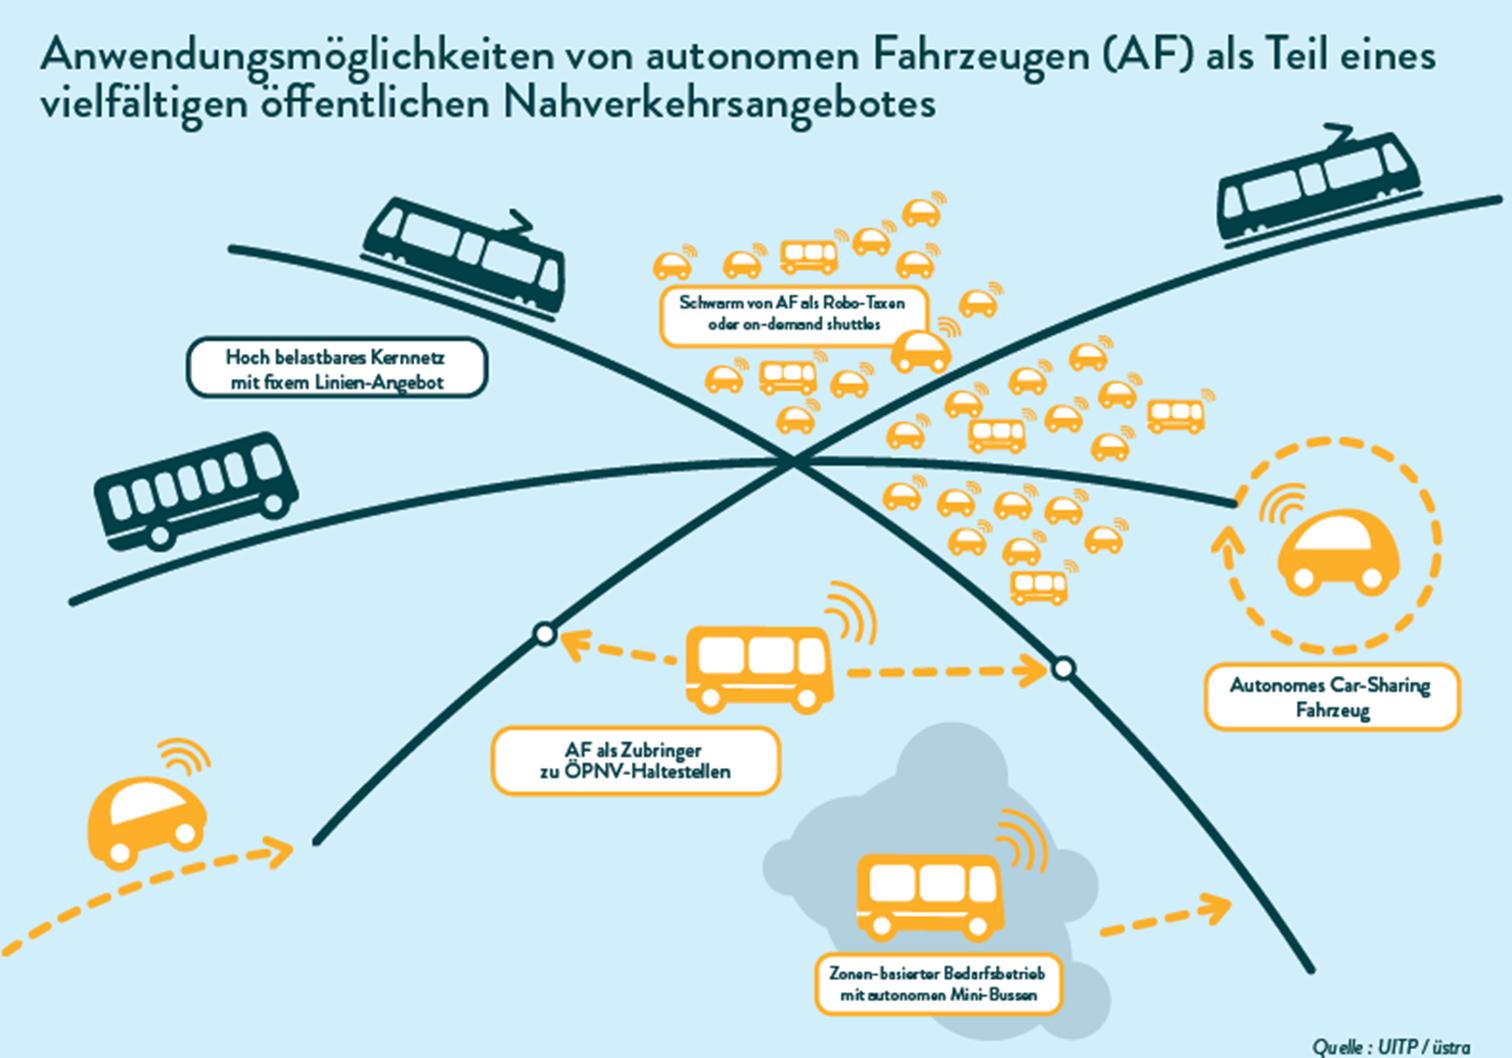 Das urbane Verkehrssystem mit autonomen Fahrzeugen (Quelle: UITP)